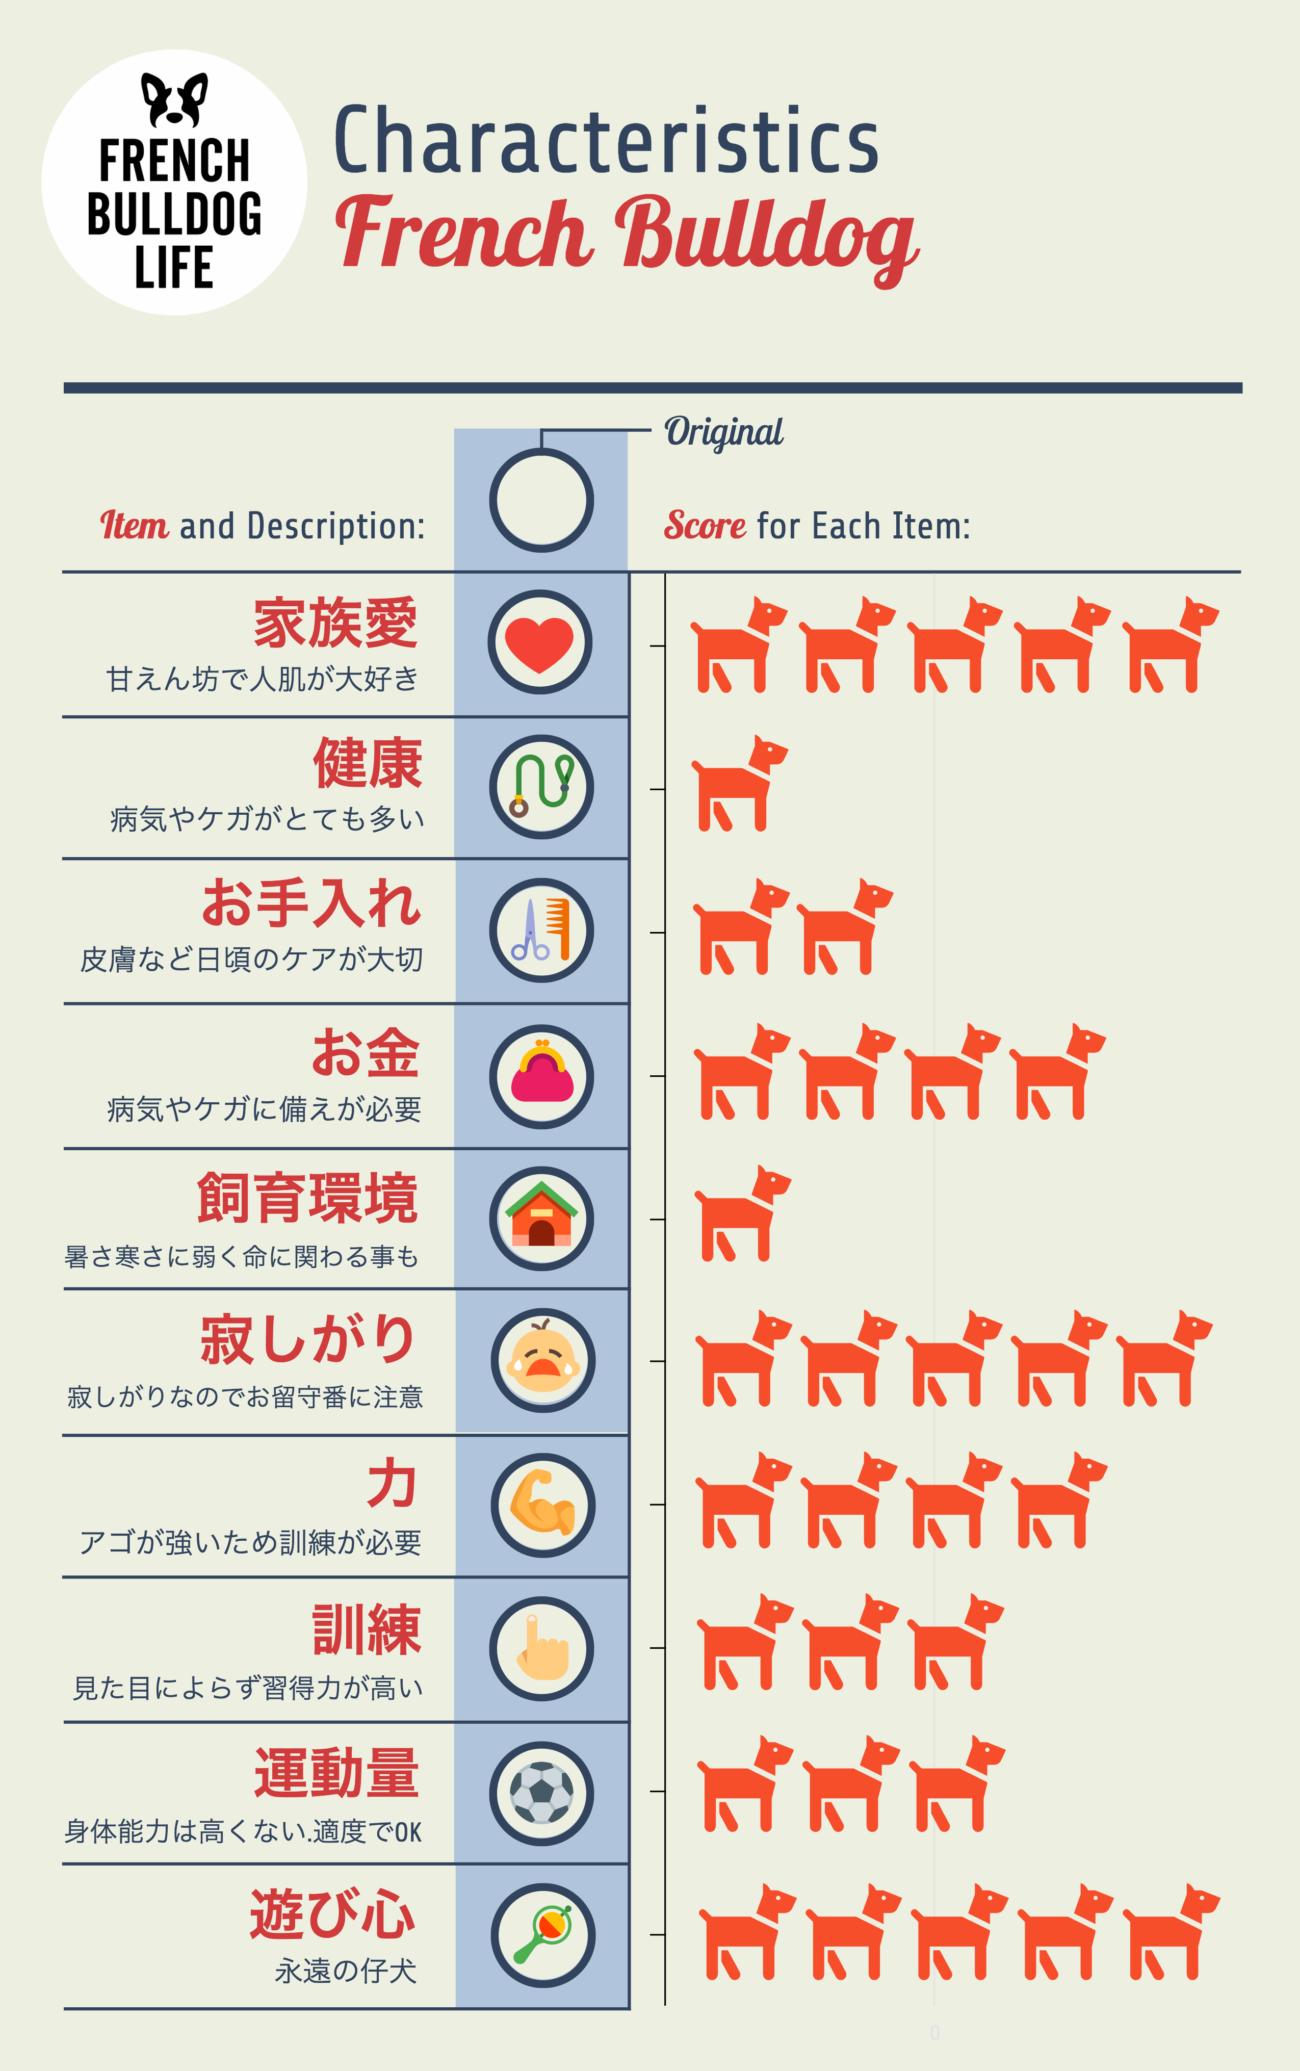 インフォグラフィック,infographic